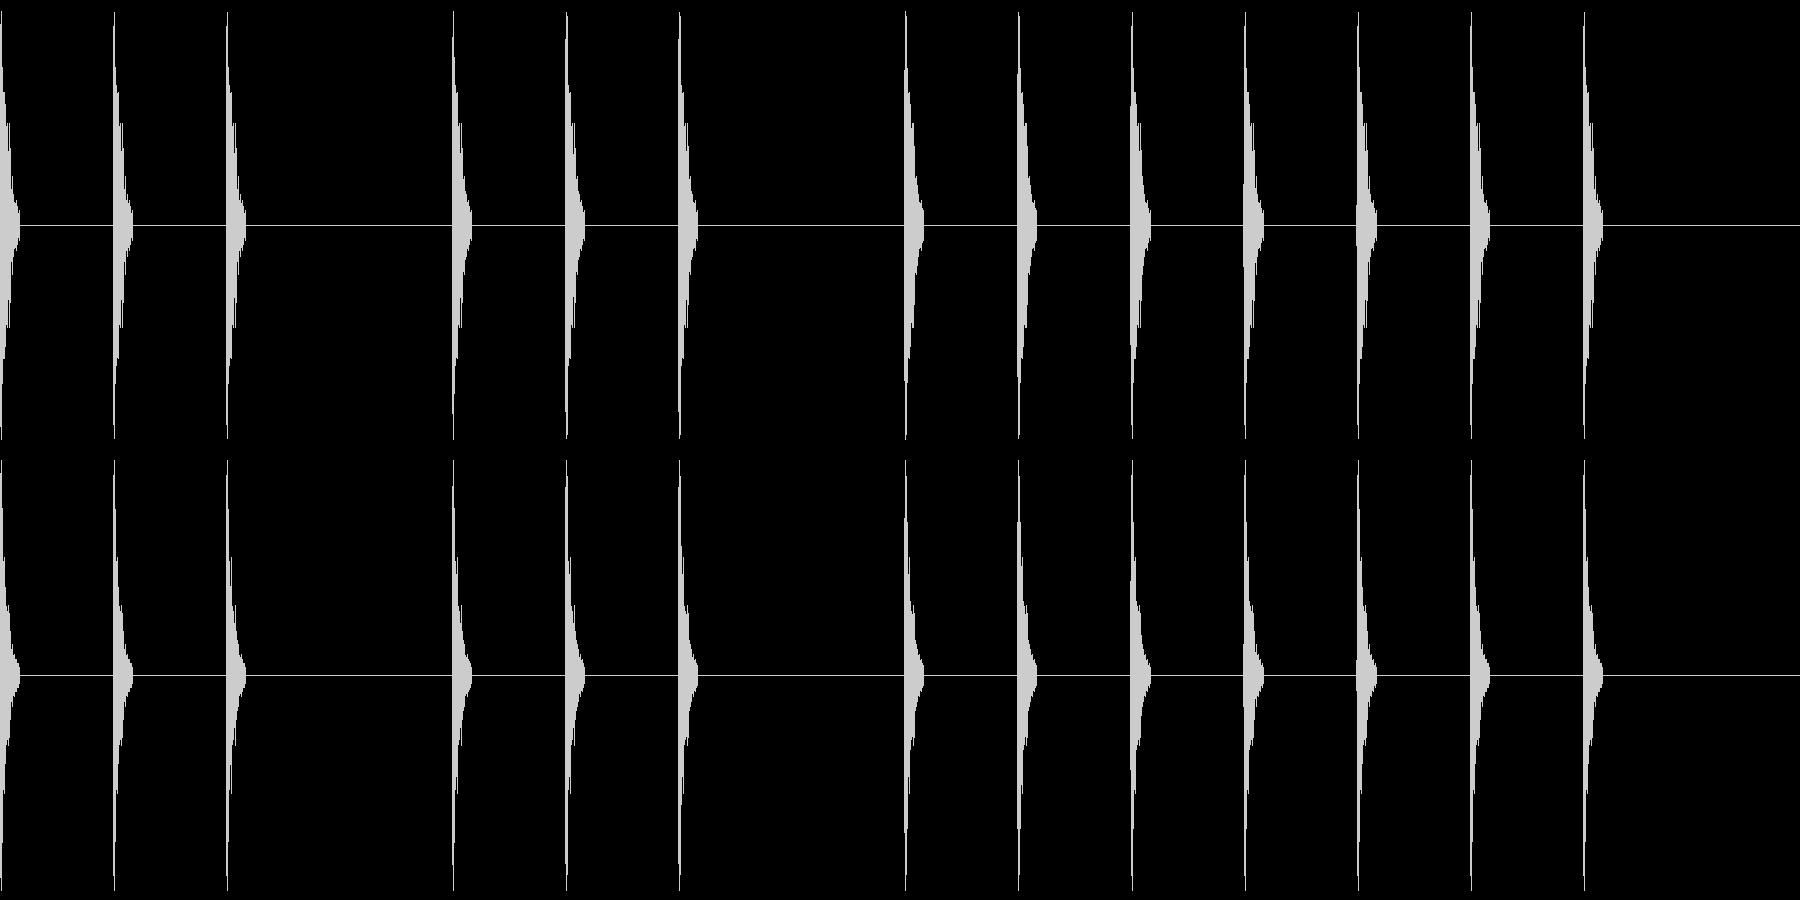 三三七拍子(一人で手拍子)の未再生の波形